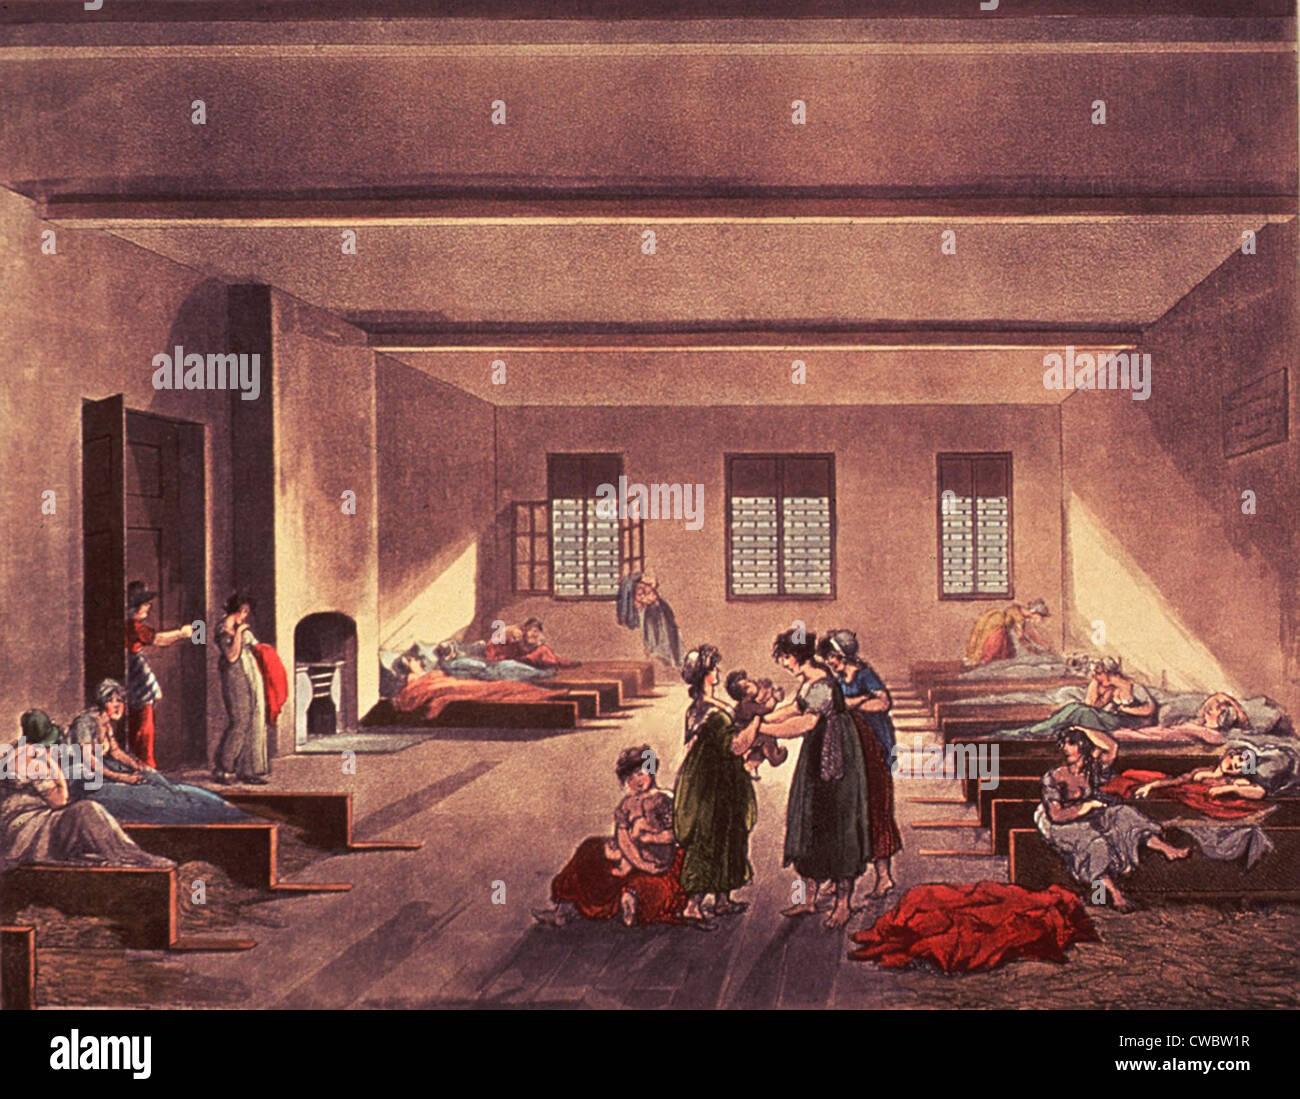 Sala de detención en London's Bridewell Hospital, para personas sin hogar, empobrecidos, y probablemente Imagen De Stock